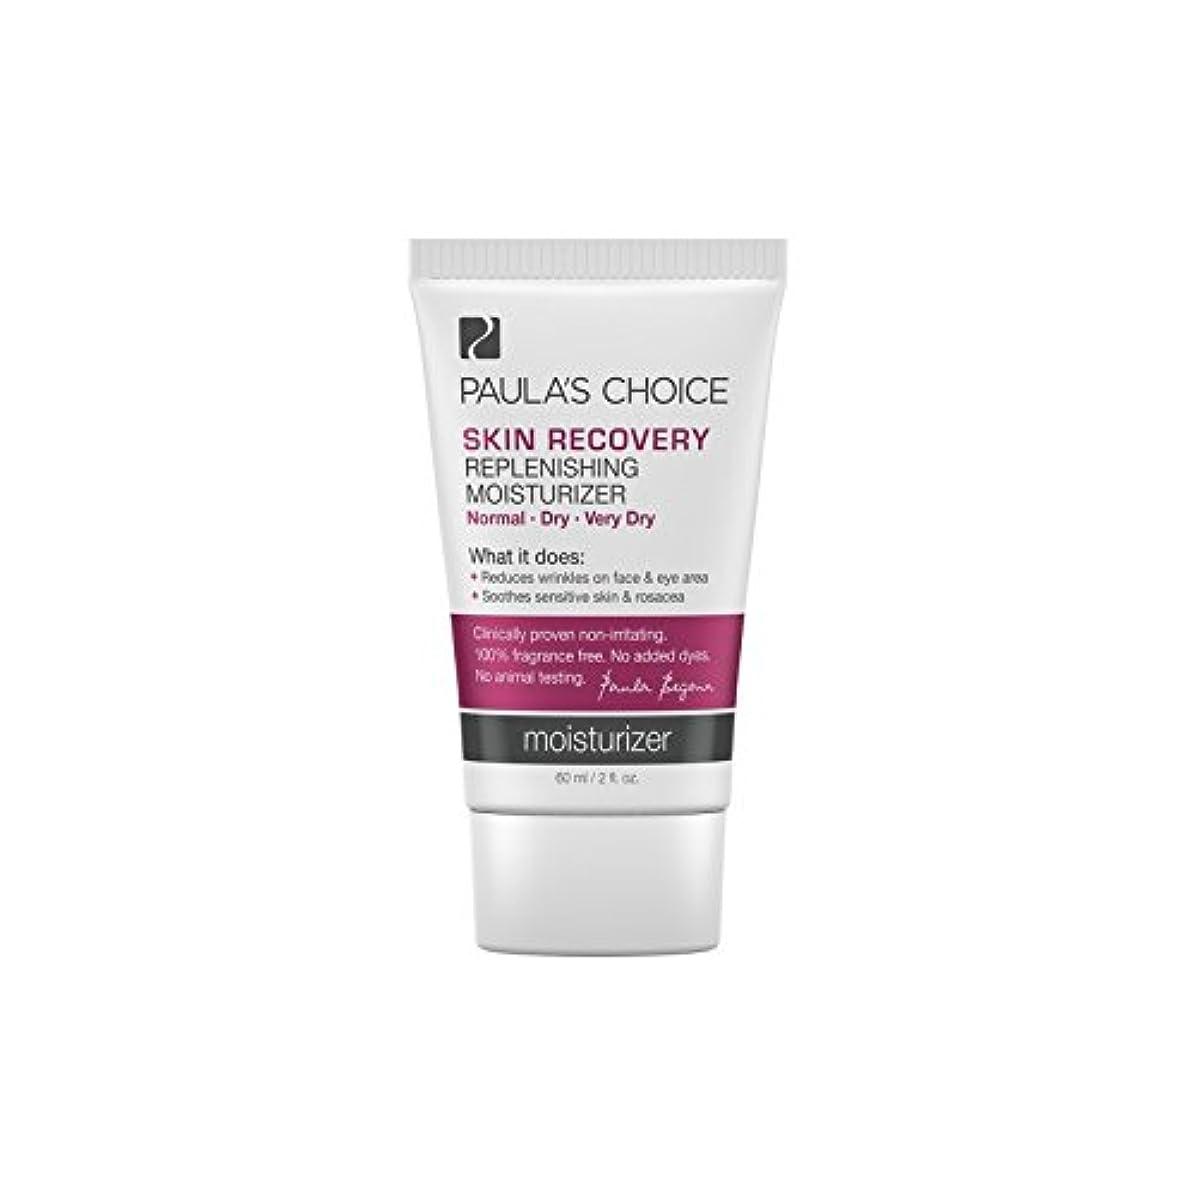 チャーミング恩赦評議会Paula's Choice Skin Recovery Replenishing Moisturizer (60ml) - ポーラチョイスの肌の回復補充保湿(60ミリリットル) [並行輸入品]